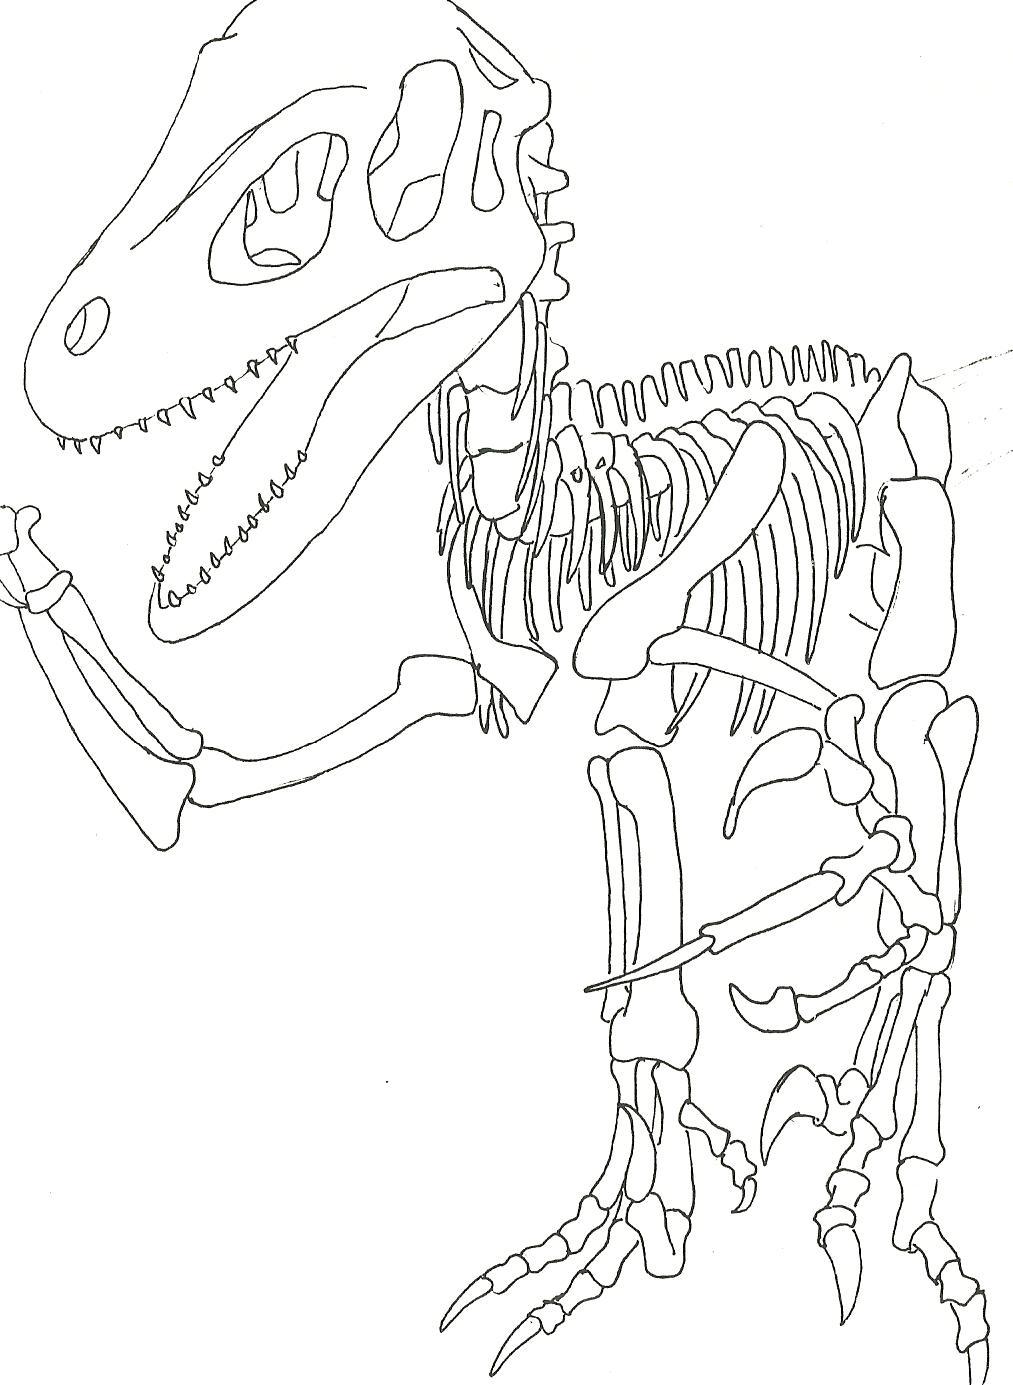 Utahraptor skeleton by sprywolf on deviantart for Utahraptor coloring page